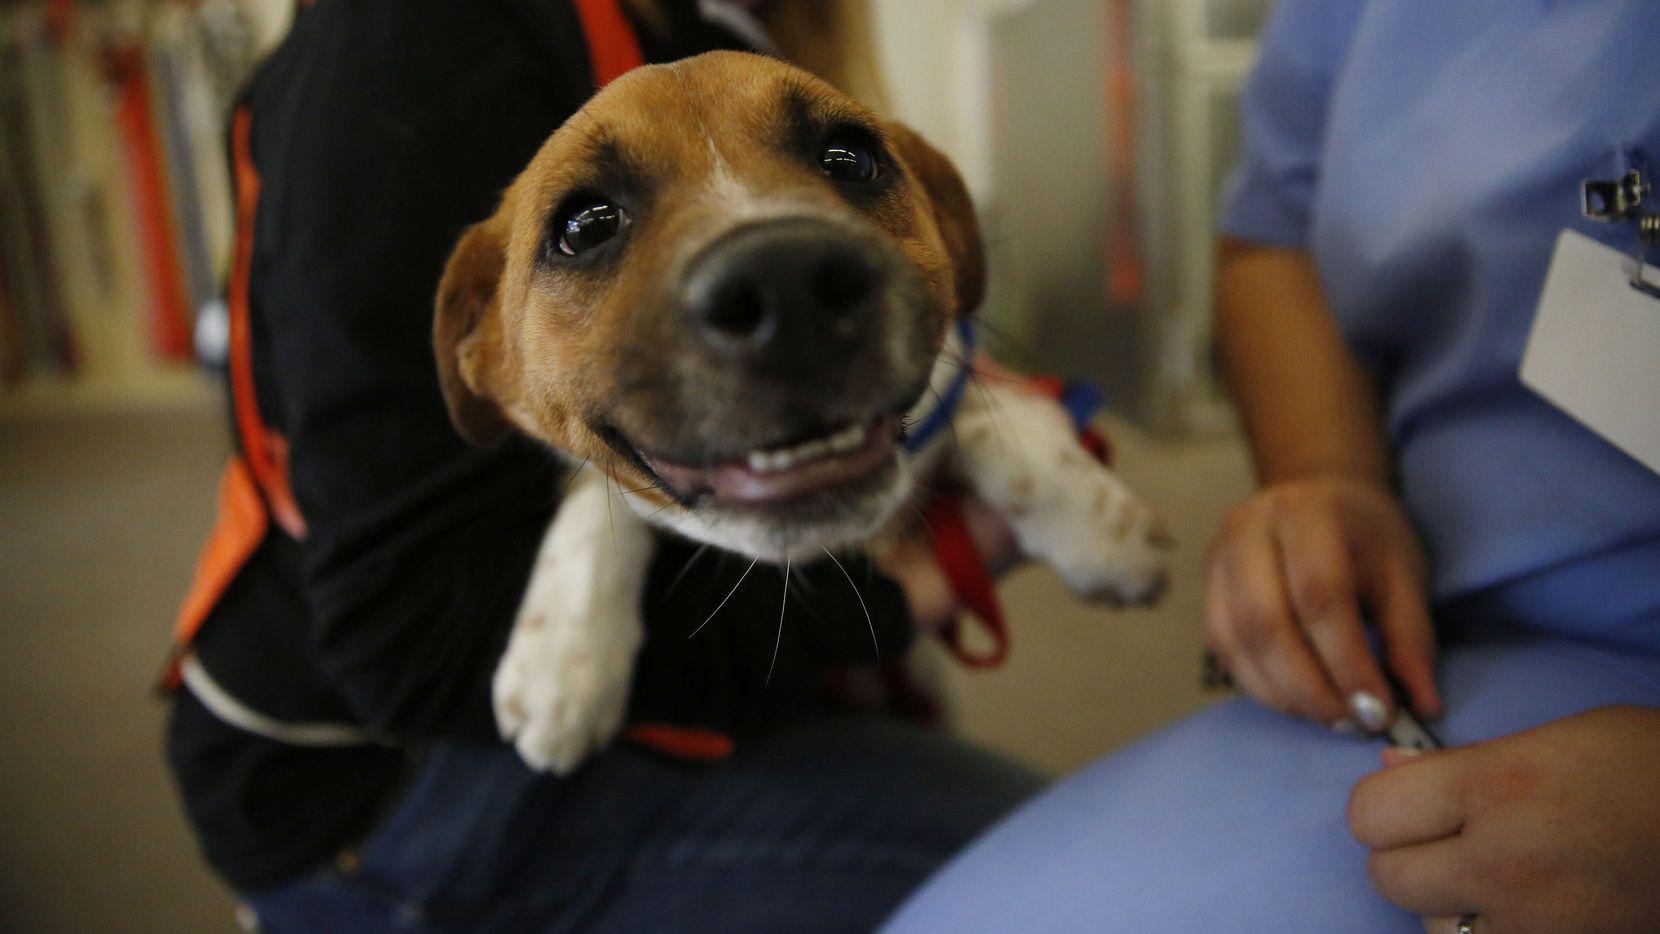 Este perrito pone su mejor cara para ver si lo adoptan. Este miércoles 24 será gratis adoptar mascotas en los refugios de Dallas. DMN